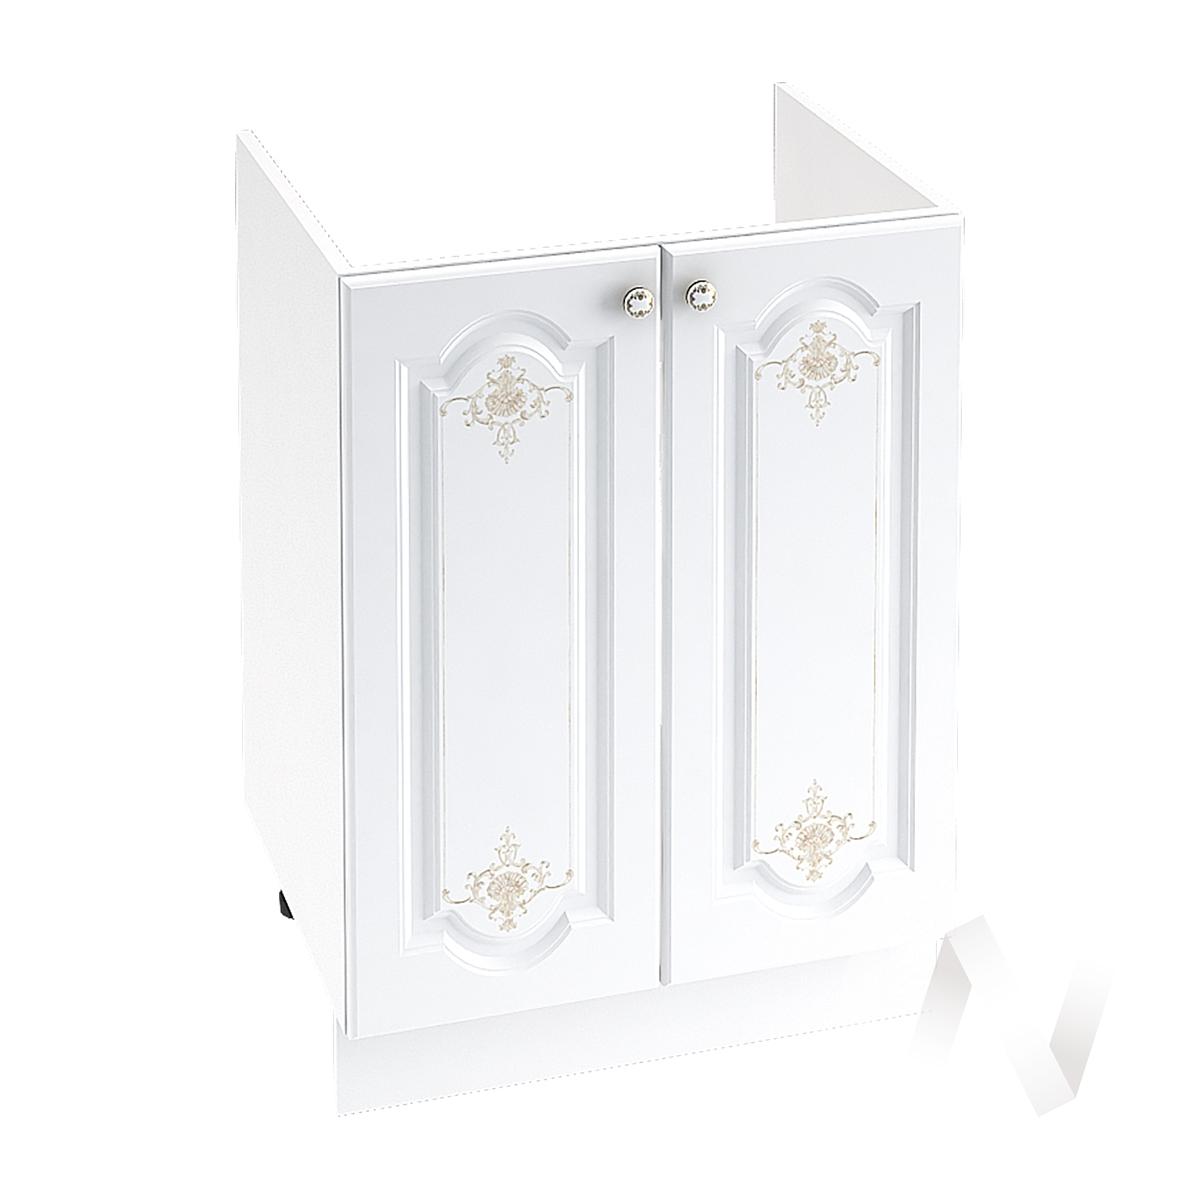 """Купить кухня """"шарлиз"""": шкаф нижний под мойку 600, шнм 600 (корпус белый) в Новосибирске в интернет-магазине Мебель плюс Техника"""